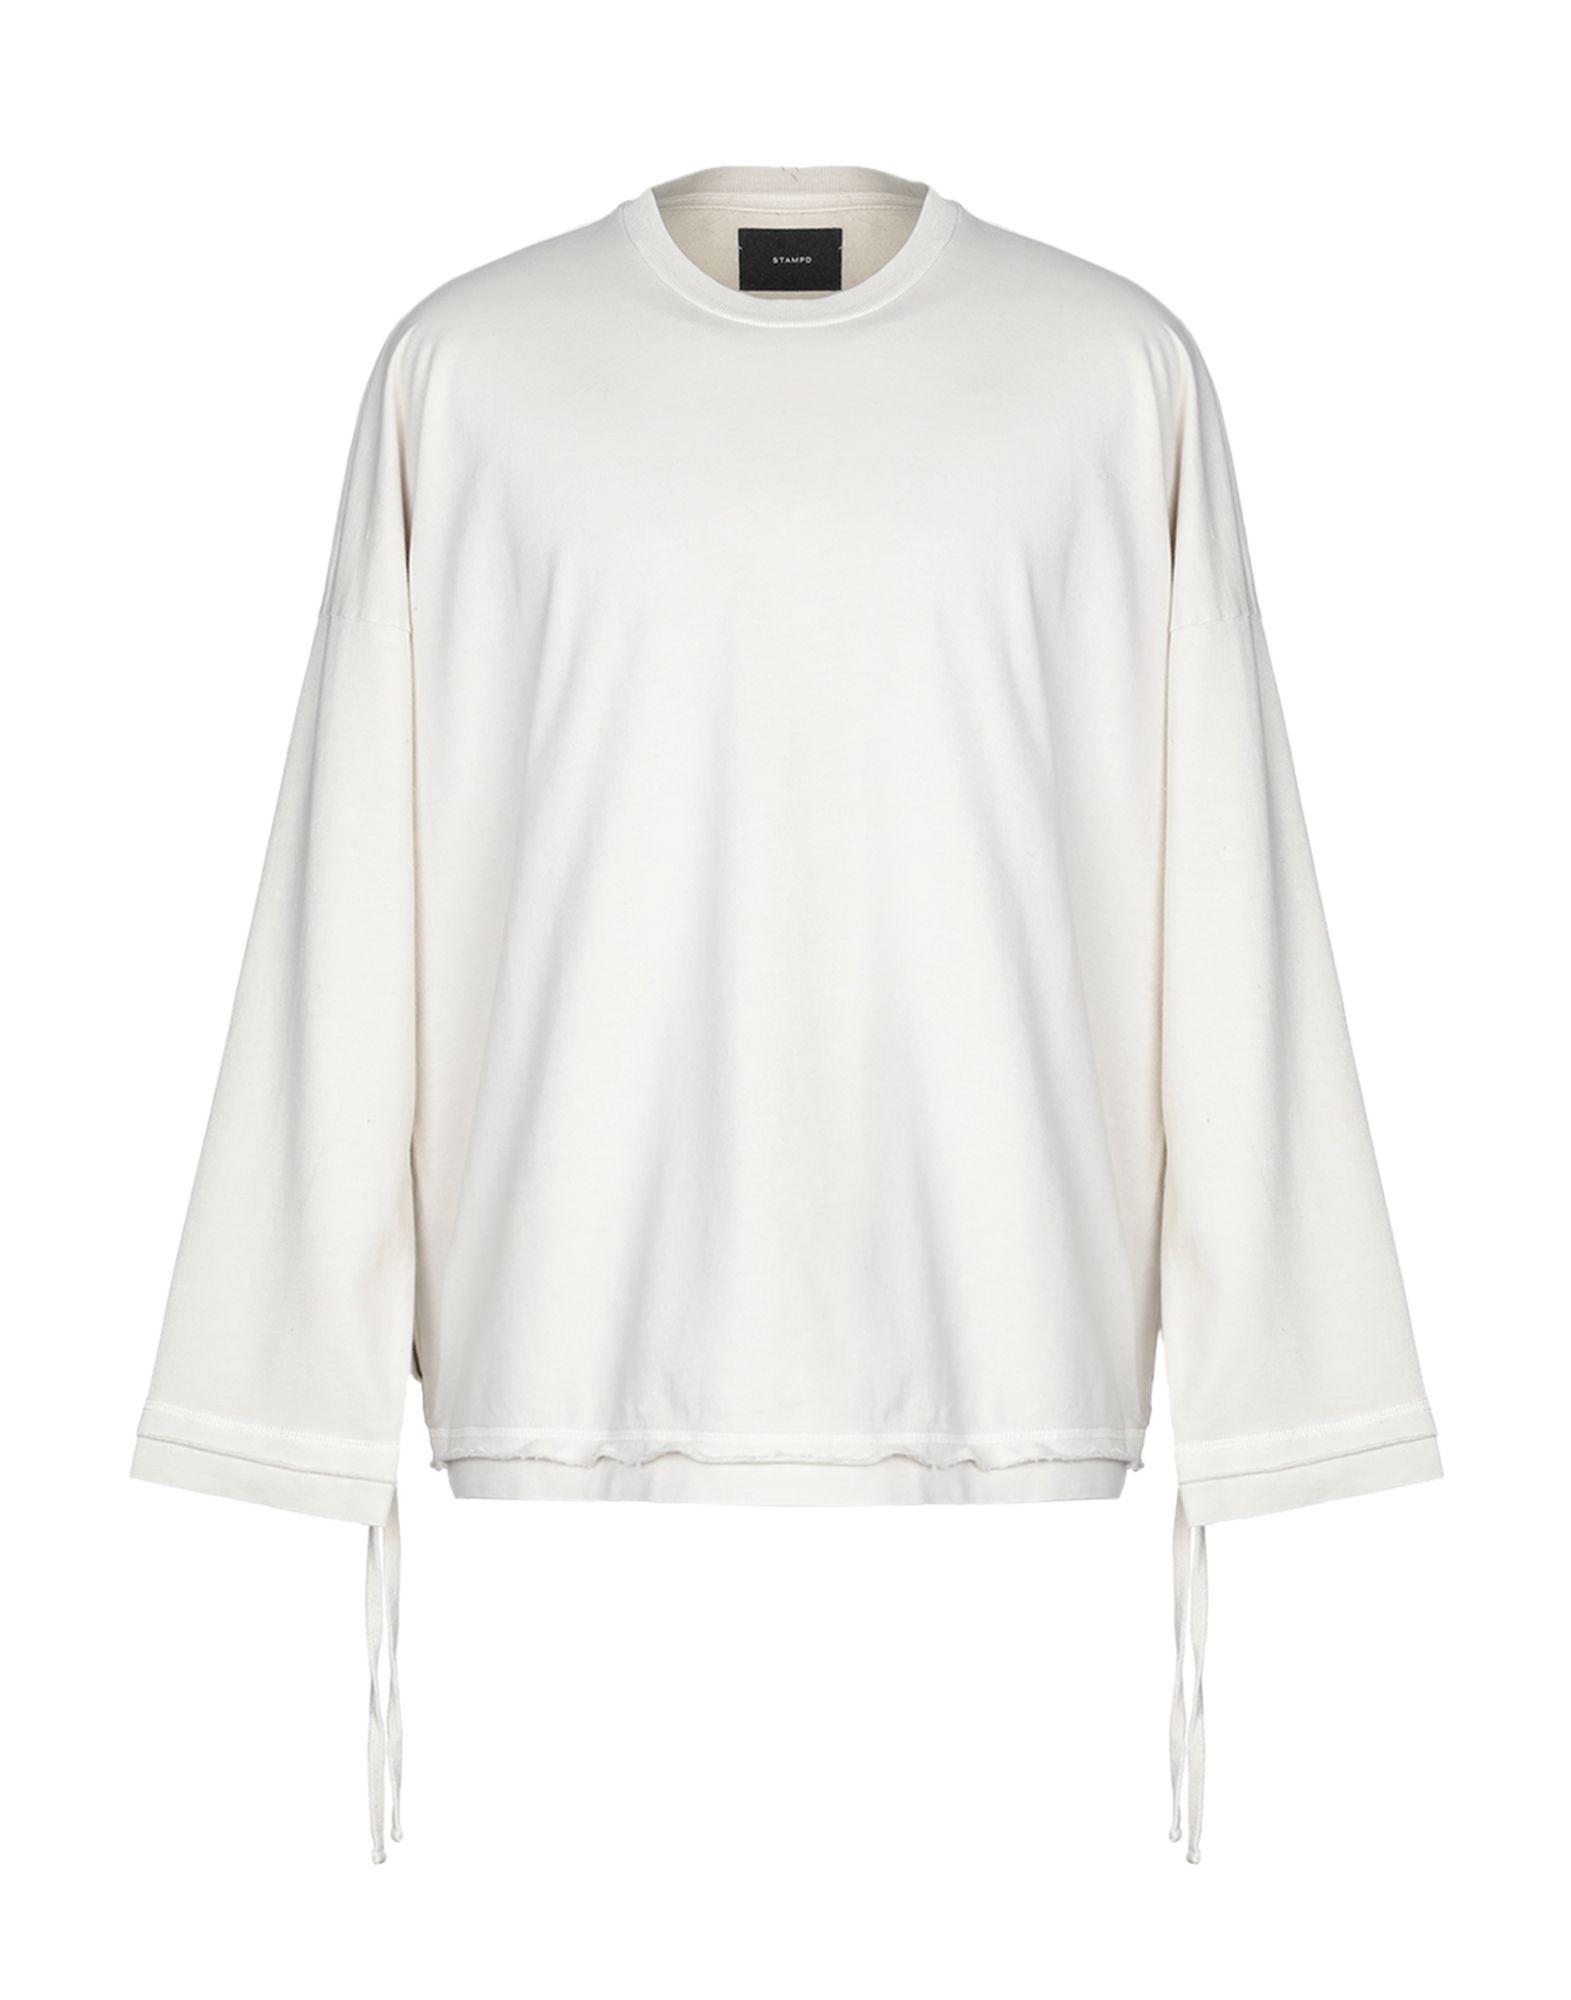 《送料無料》STAMPD メンズ スウェットシャツ ベージュ M コットン 100%